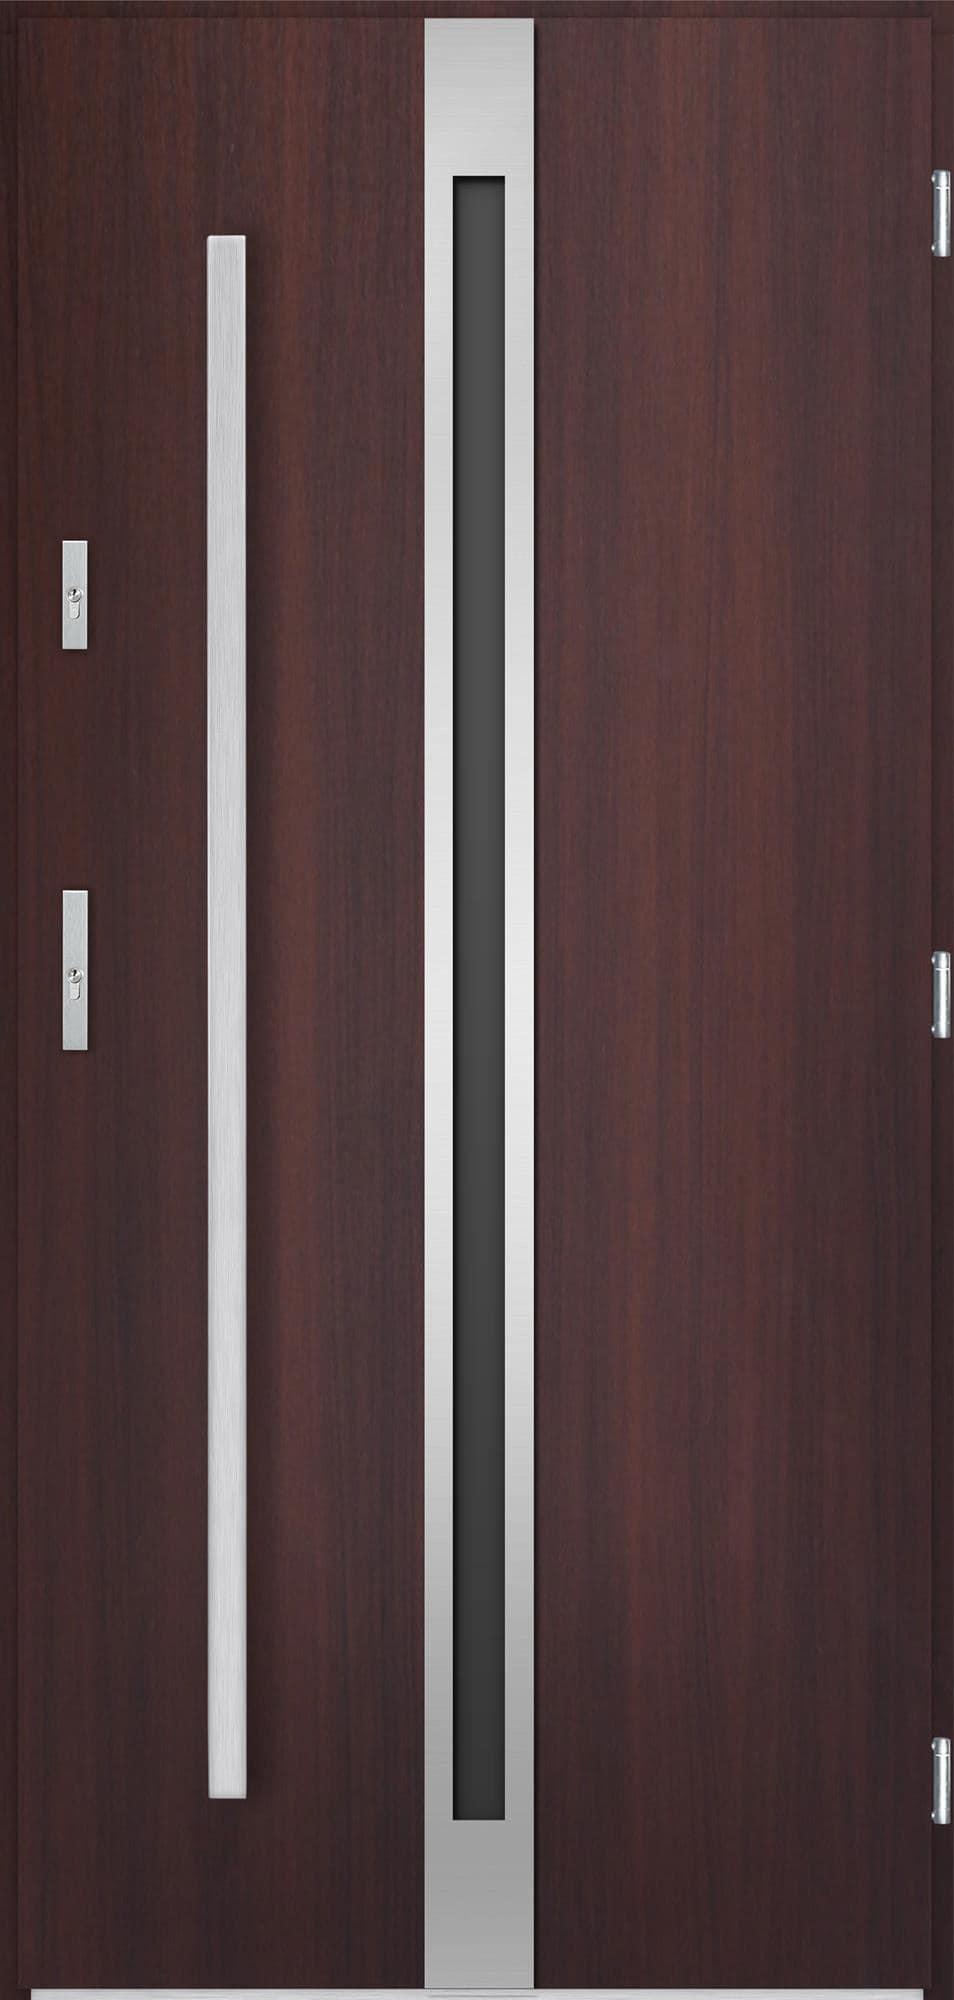 Venkovní vchodové dveøe Linea, mahagon